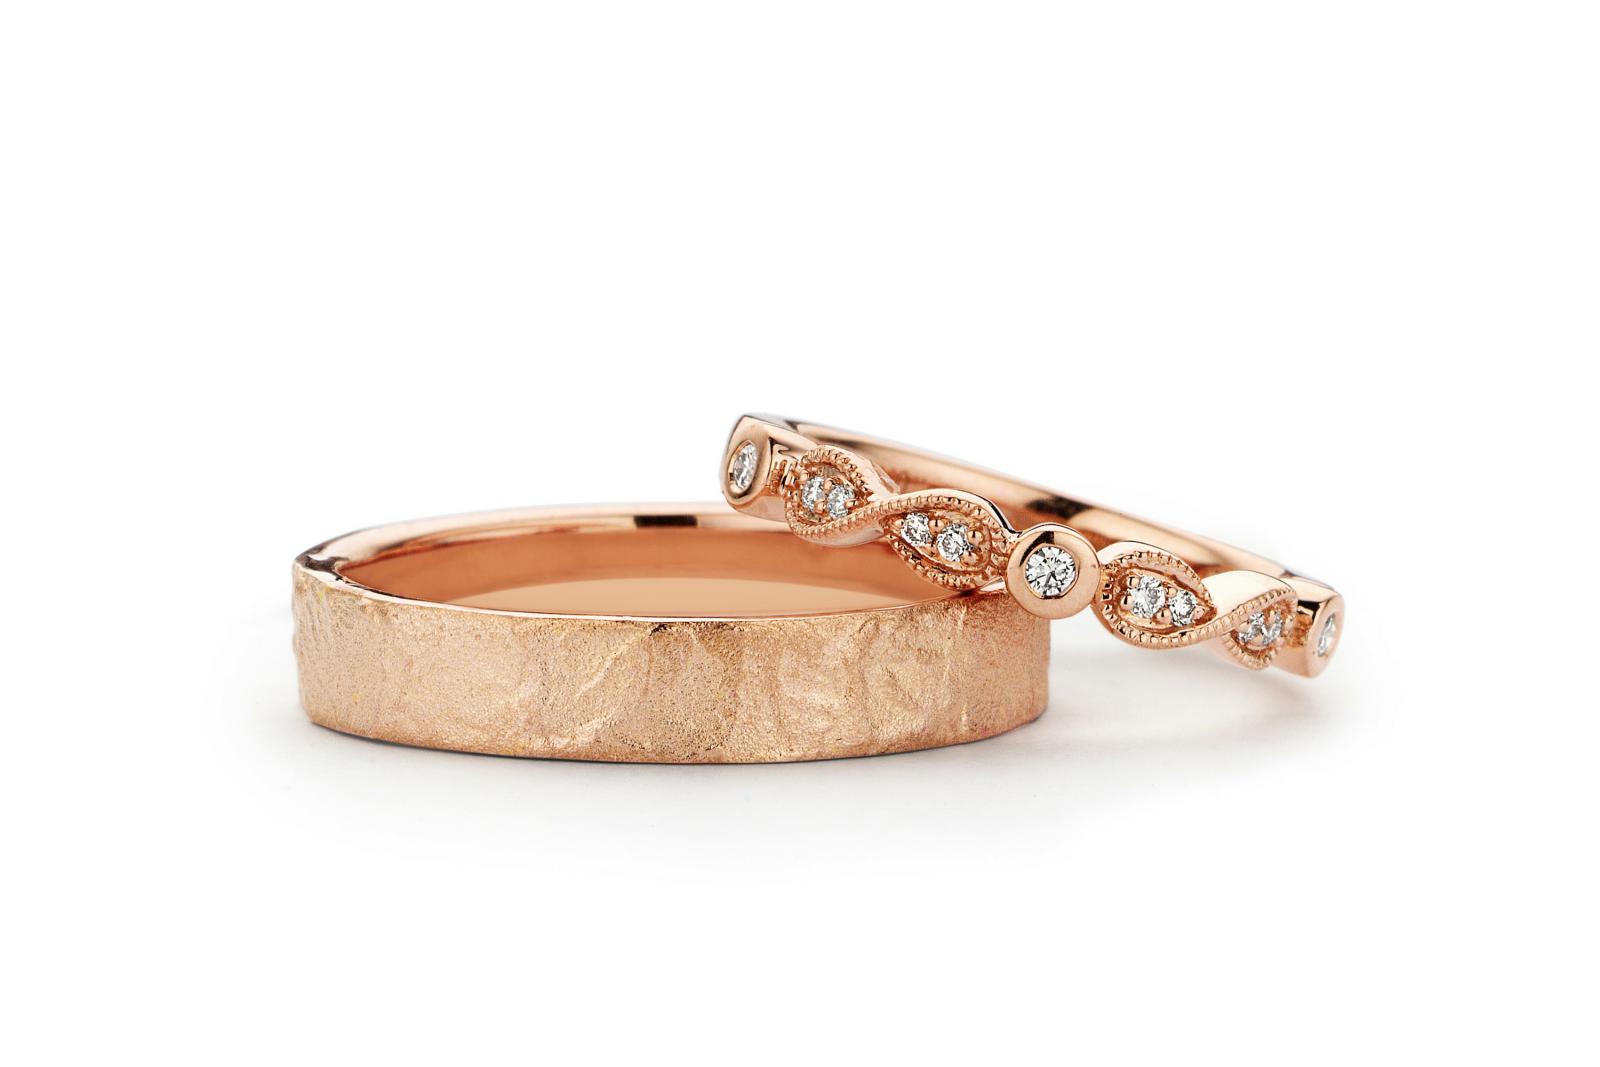 Juwelier Eversen - House of Weddings (1)